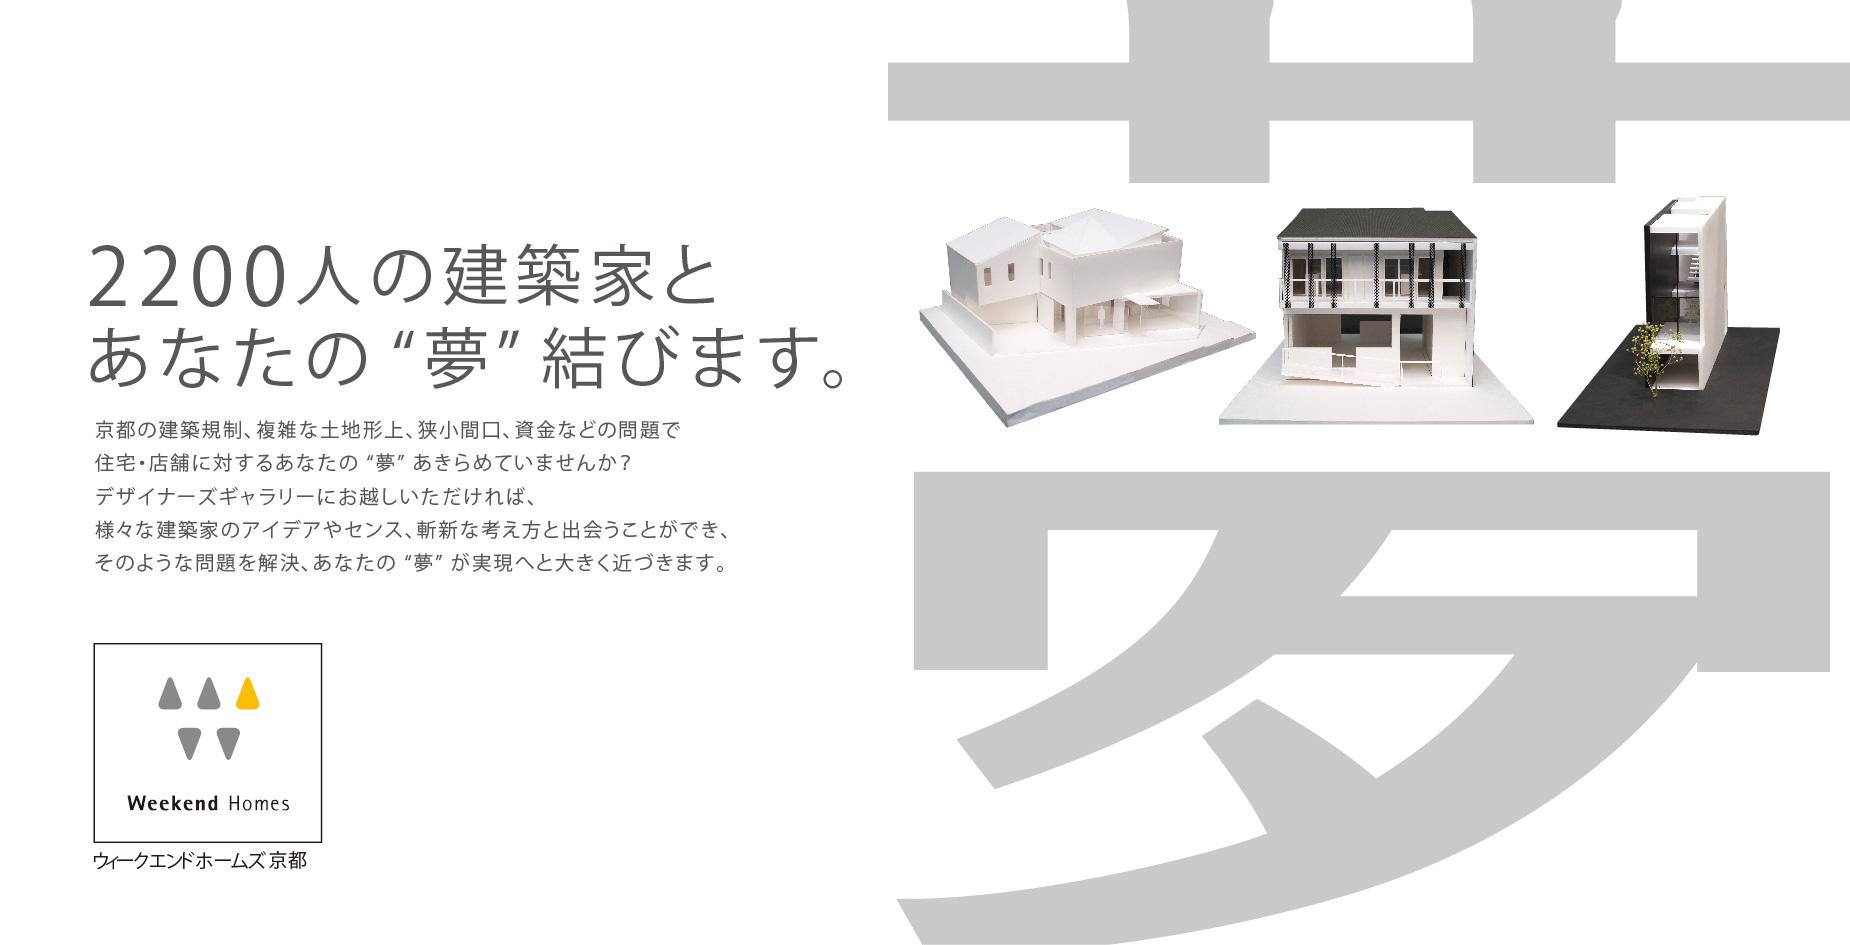 ウィークエンドホームズ京都 デザイナーズギャラリー オープン案内 ポストカードデザイン面